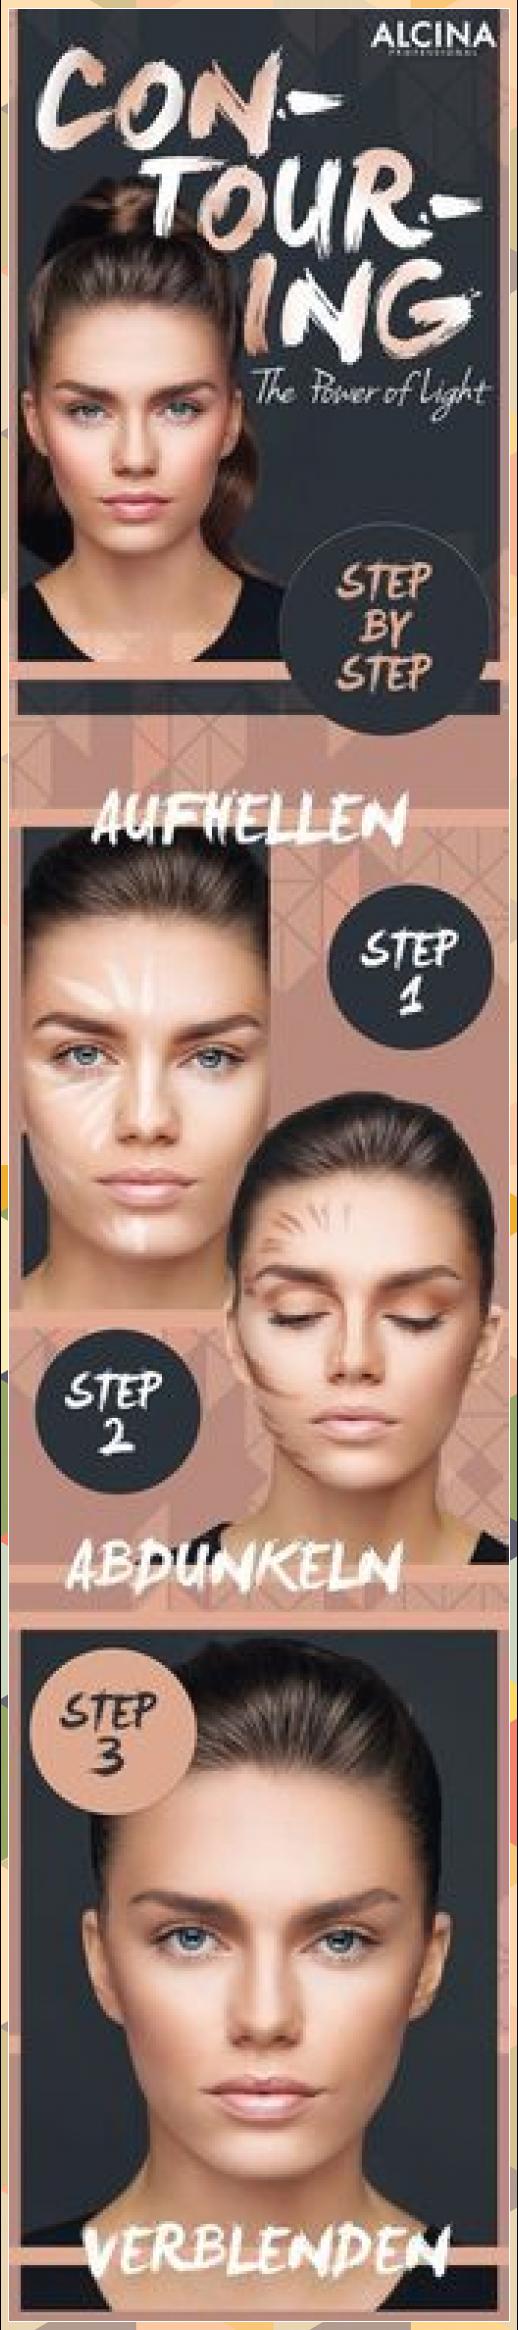 Contouring Guide: So konturierst du dein Gesicht schnell und einfach als Tages-M... #als #Augen-Make-up #Augenbrauen #contouring #Dein #einfach #Eyeliner #Gel-eyeliner #gesicht #guide #konturierst #Lidfalte betonen #Lidschatten #Linda Hallberg #Lippenstiftfarben #Make-up Looks #Pinker Lippenstift #schnell #tages #TagesM #und #Wimpern